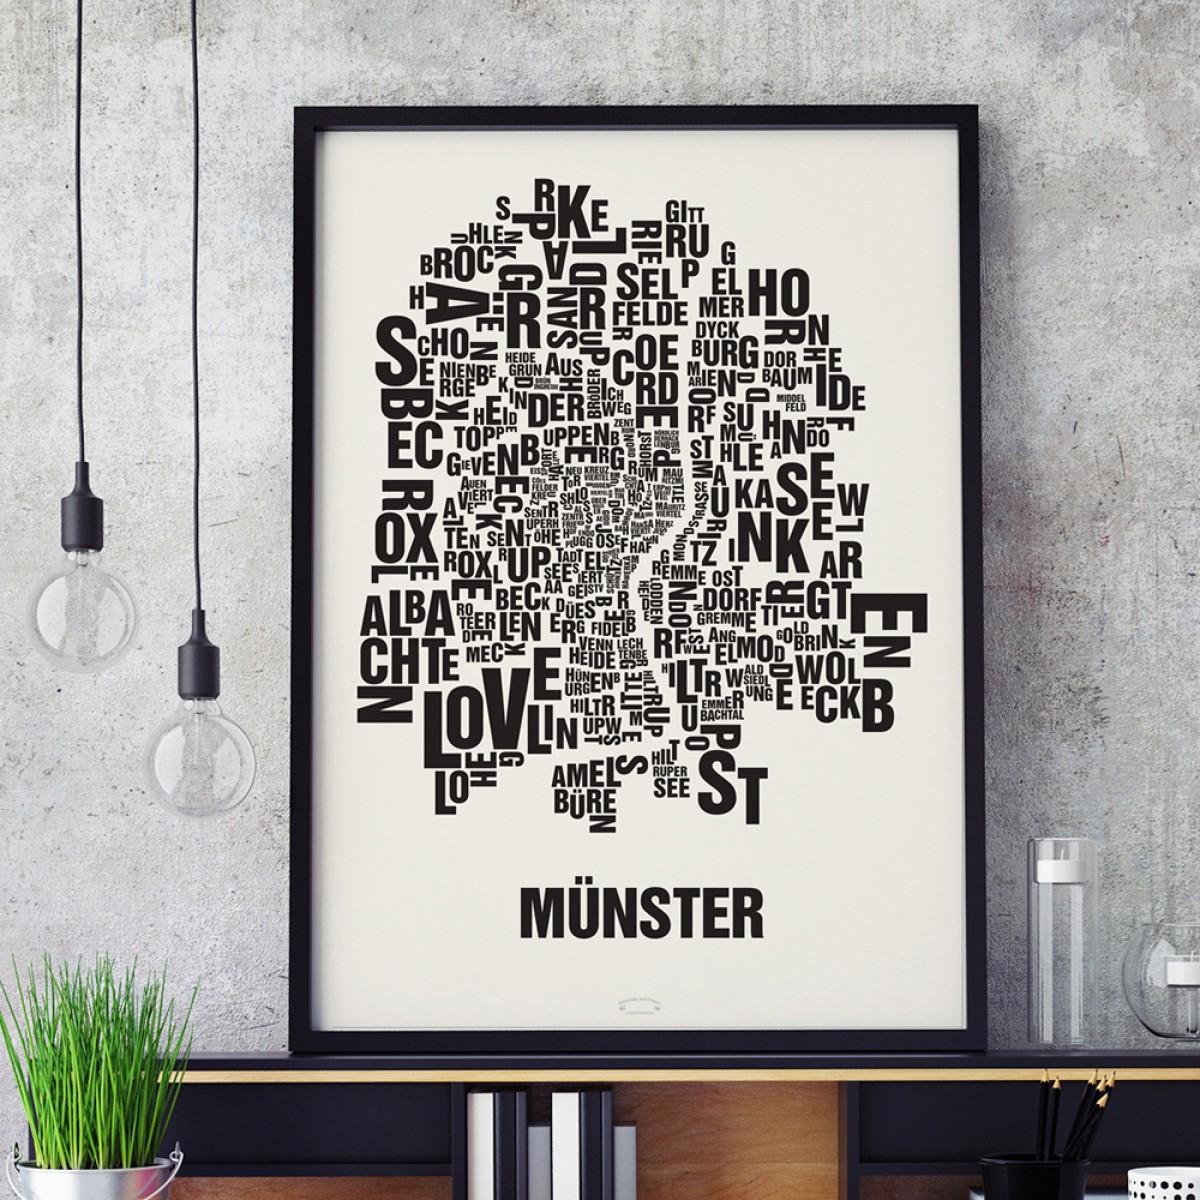 Buchstabenort Münster Stadtteile-Poster Typografie Siebdruck